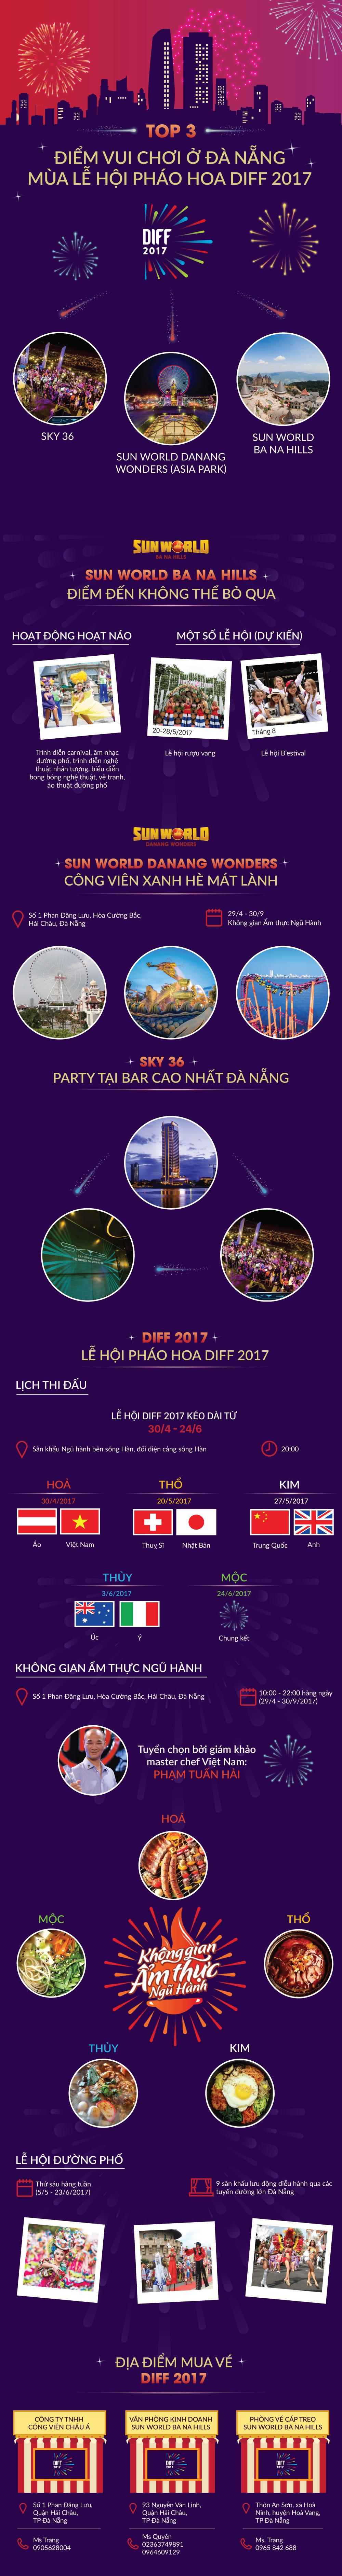 Xem pháo hoa và trải nghiệm 3 điểm vui chơi đặc sắc ở Đà Nẵng